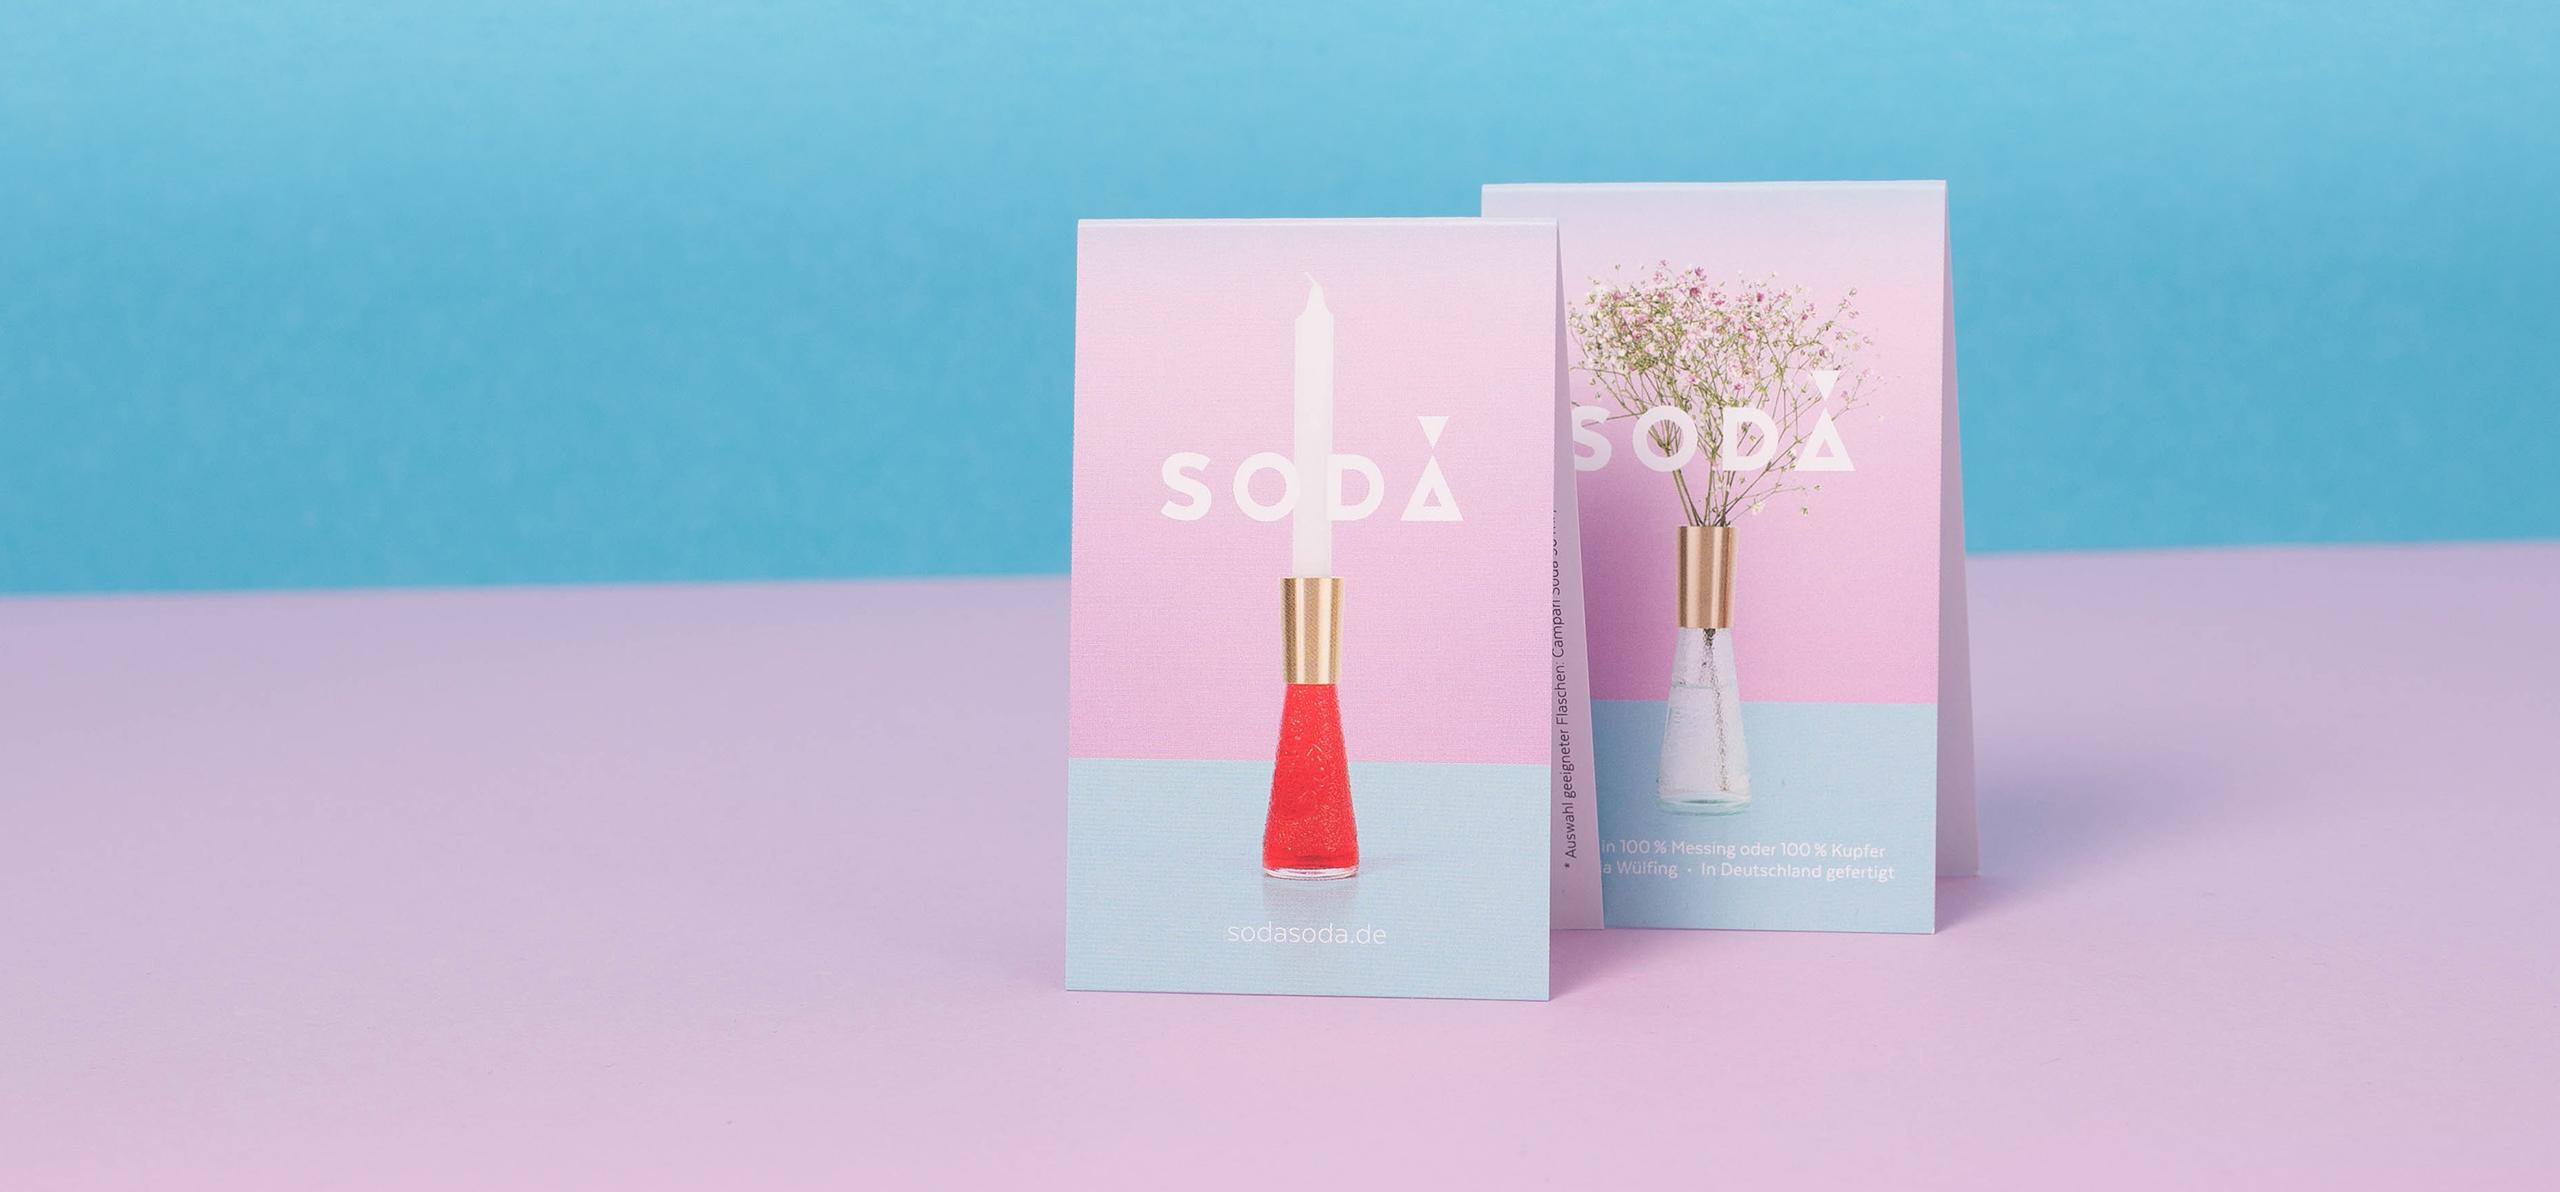 Soda 11